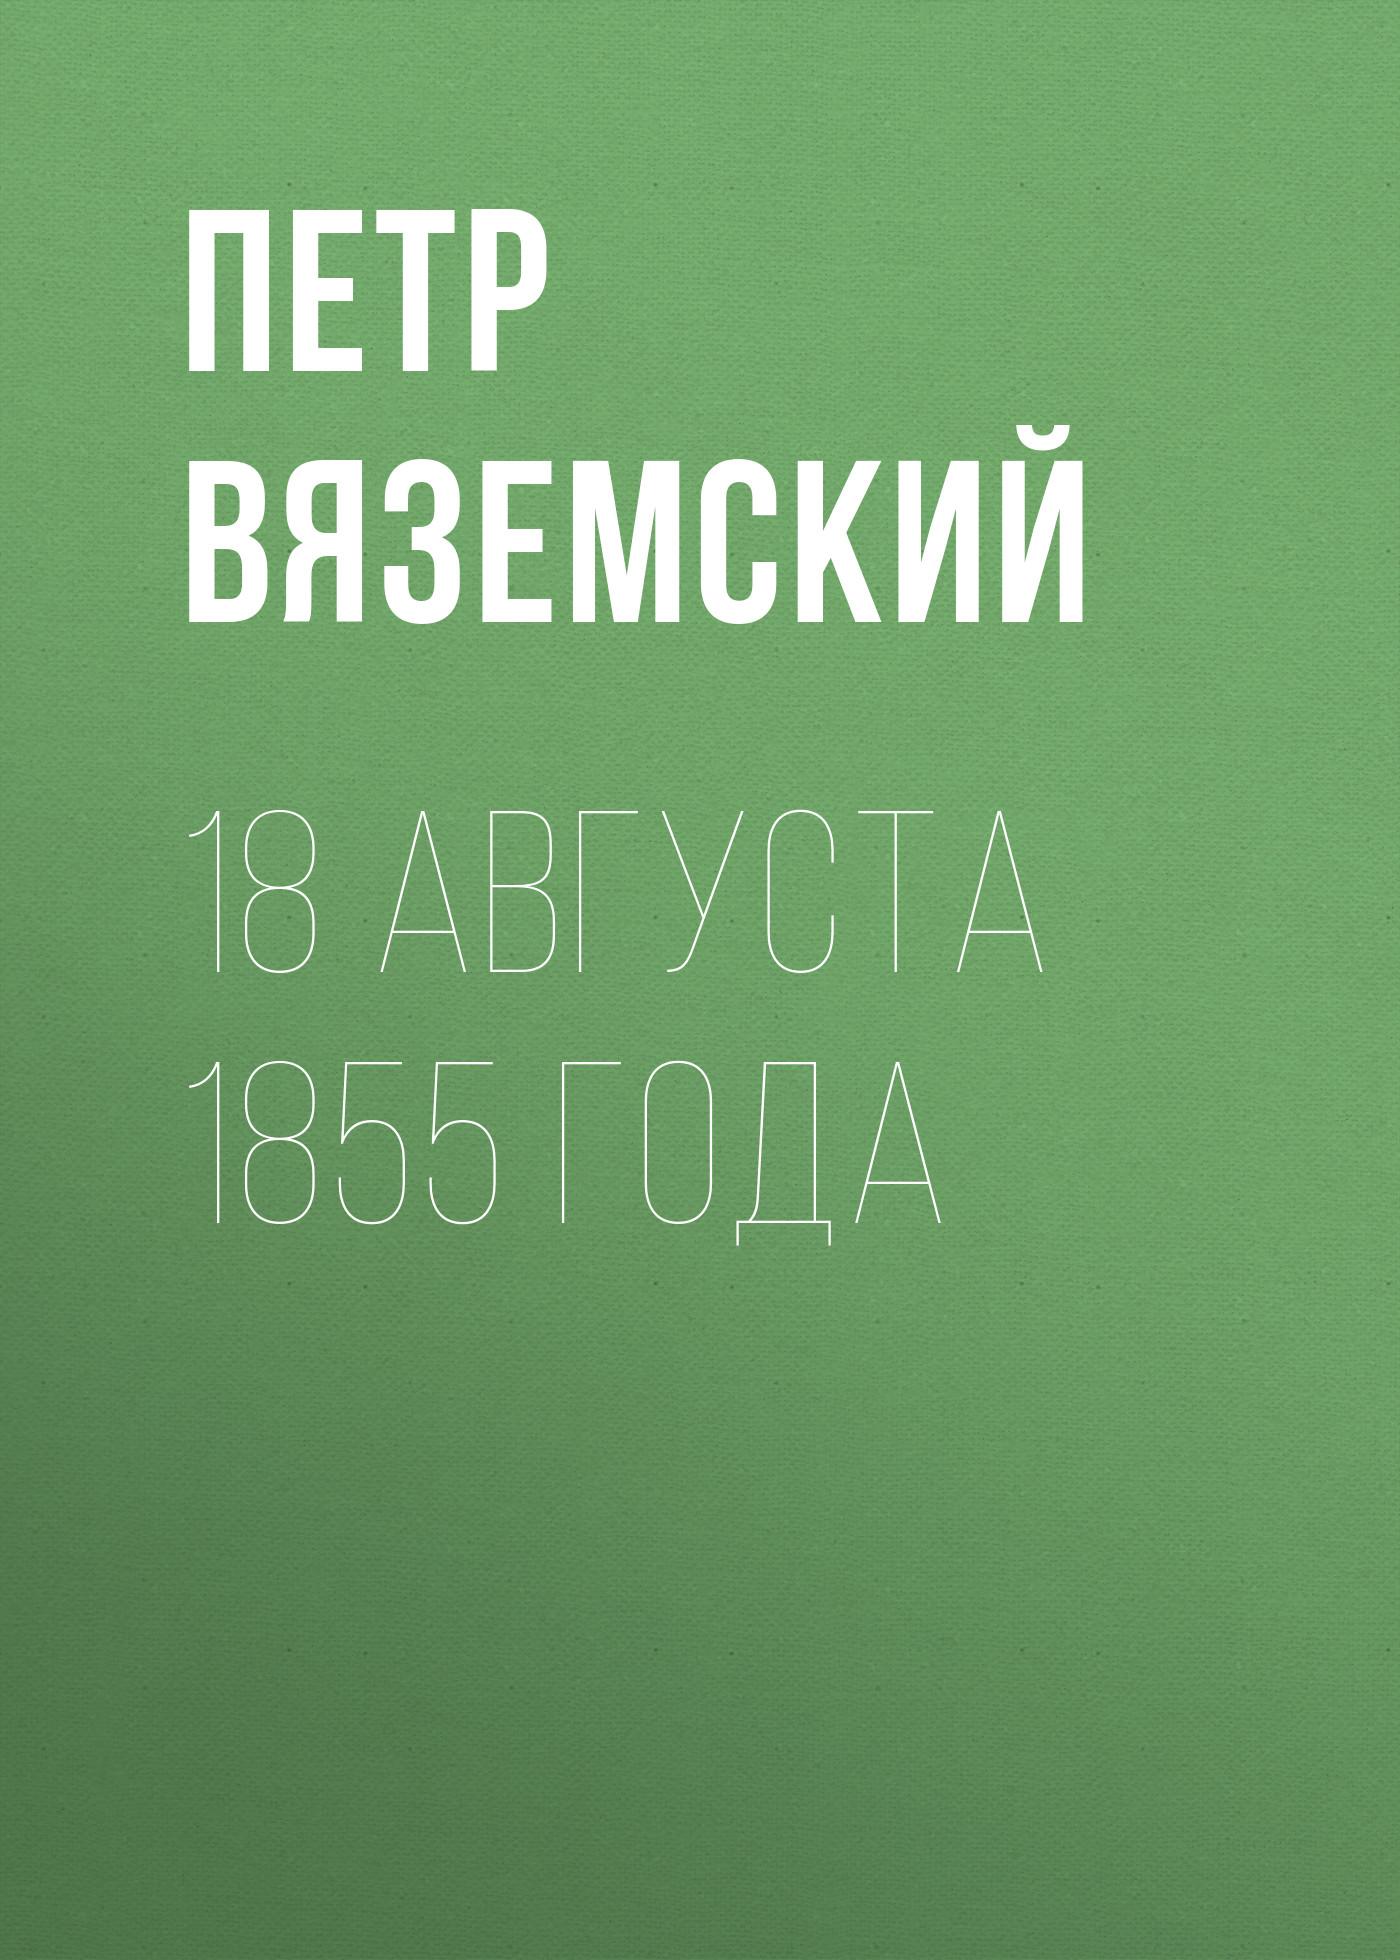 Петр Вяземский 18 августа 1855 года петр вяземский запросы господину василию жуковскому от современников и потомков